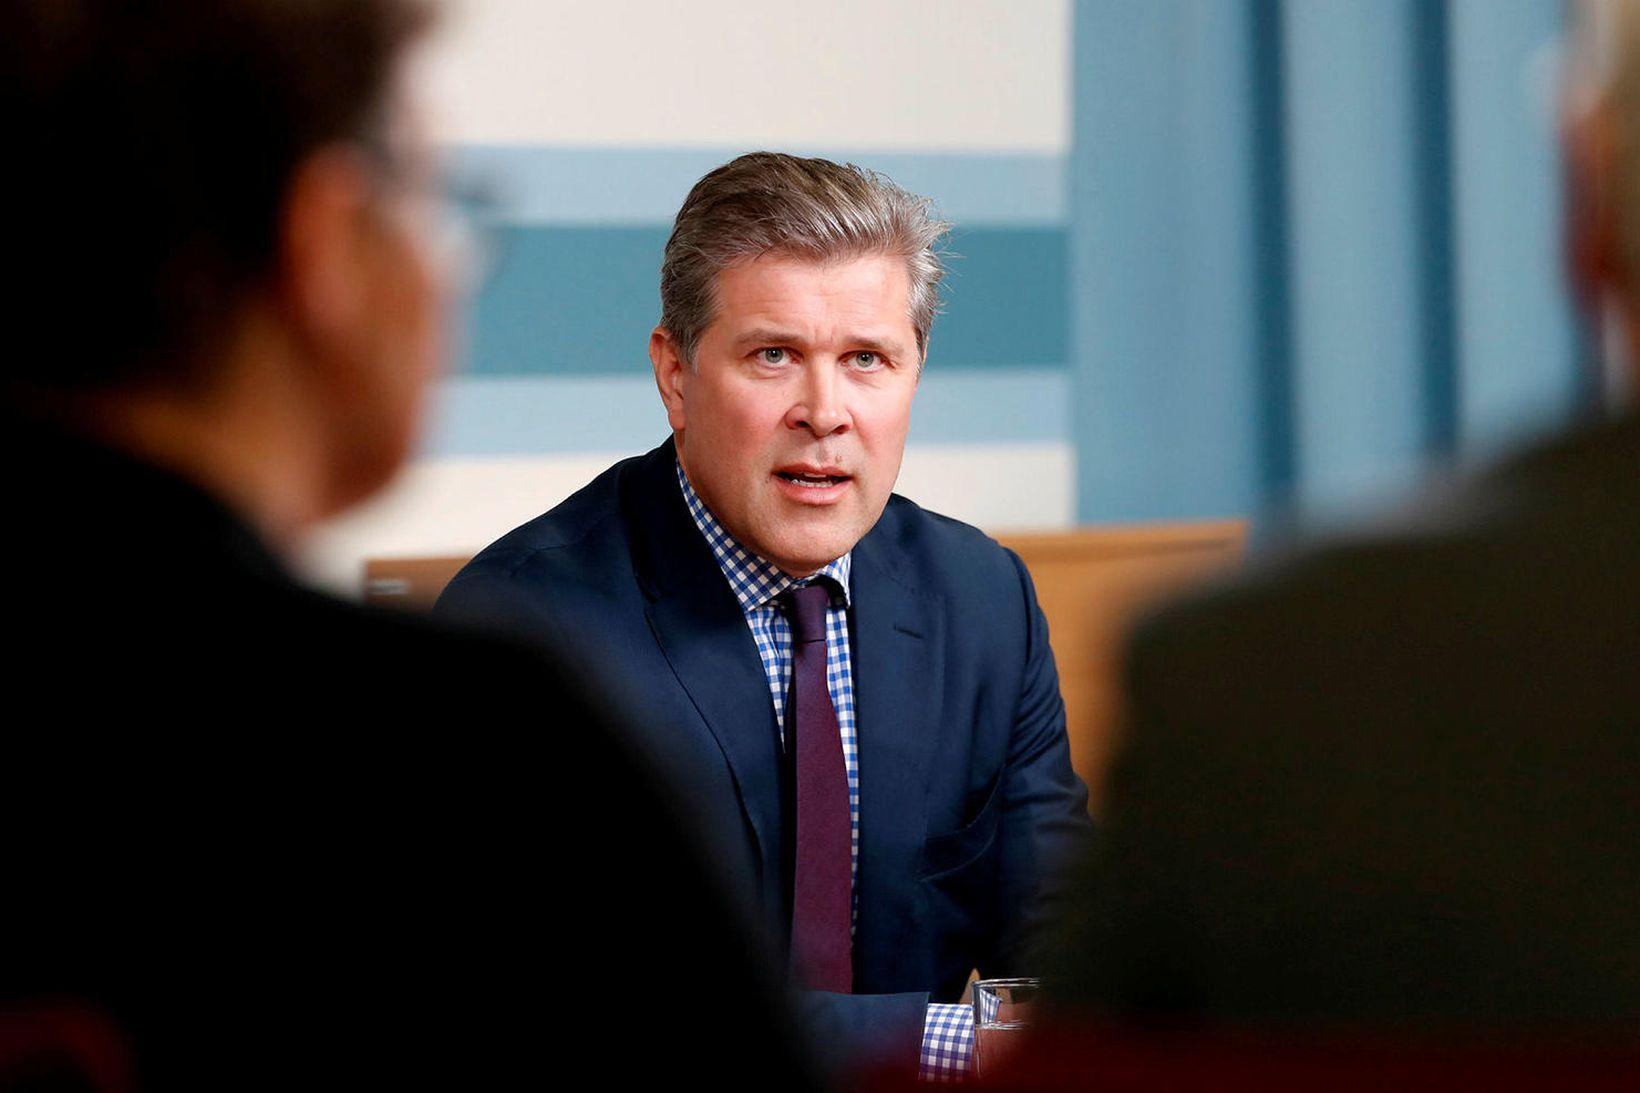 Bjarni Benediktsson fjármálaráðherra og formaður Sjálfstæðisflokksins.